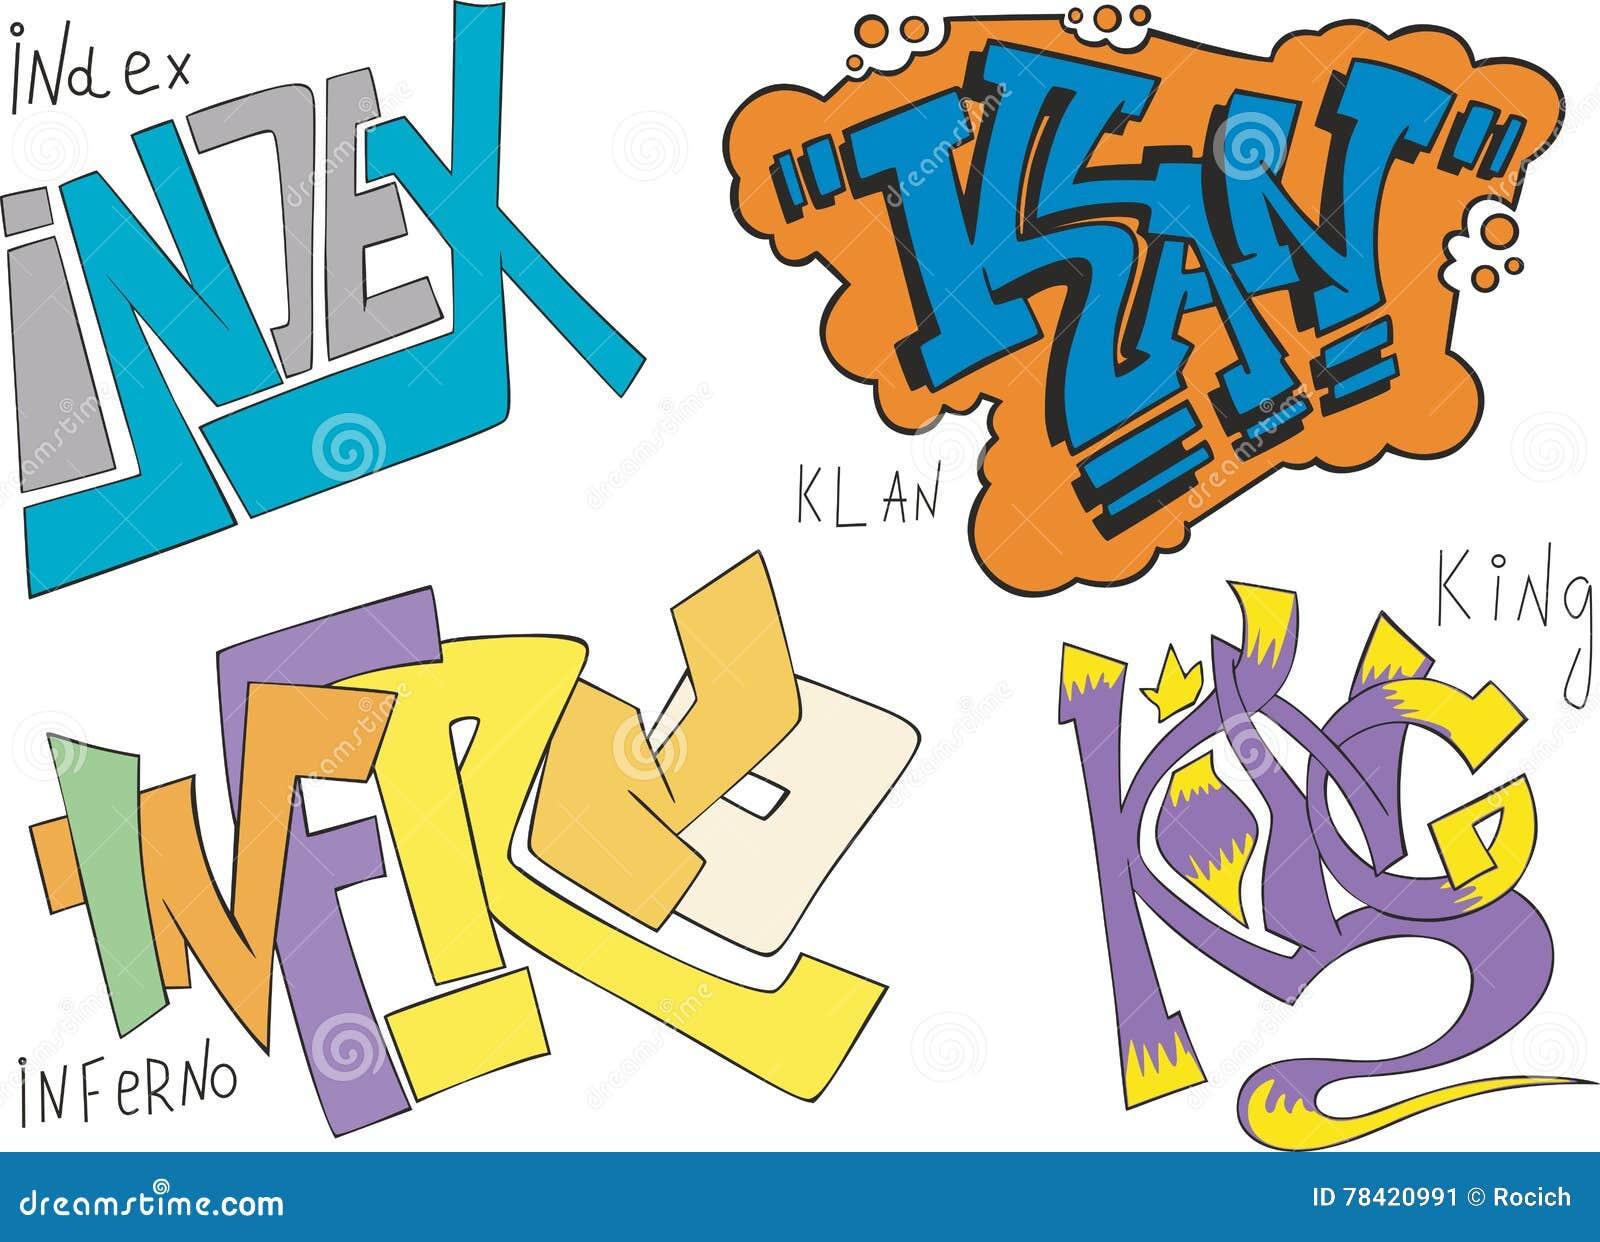 Δείκτης, Κου Κλουξ Κλαν, κόλαση και γκράφιτι βασιλιάδων